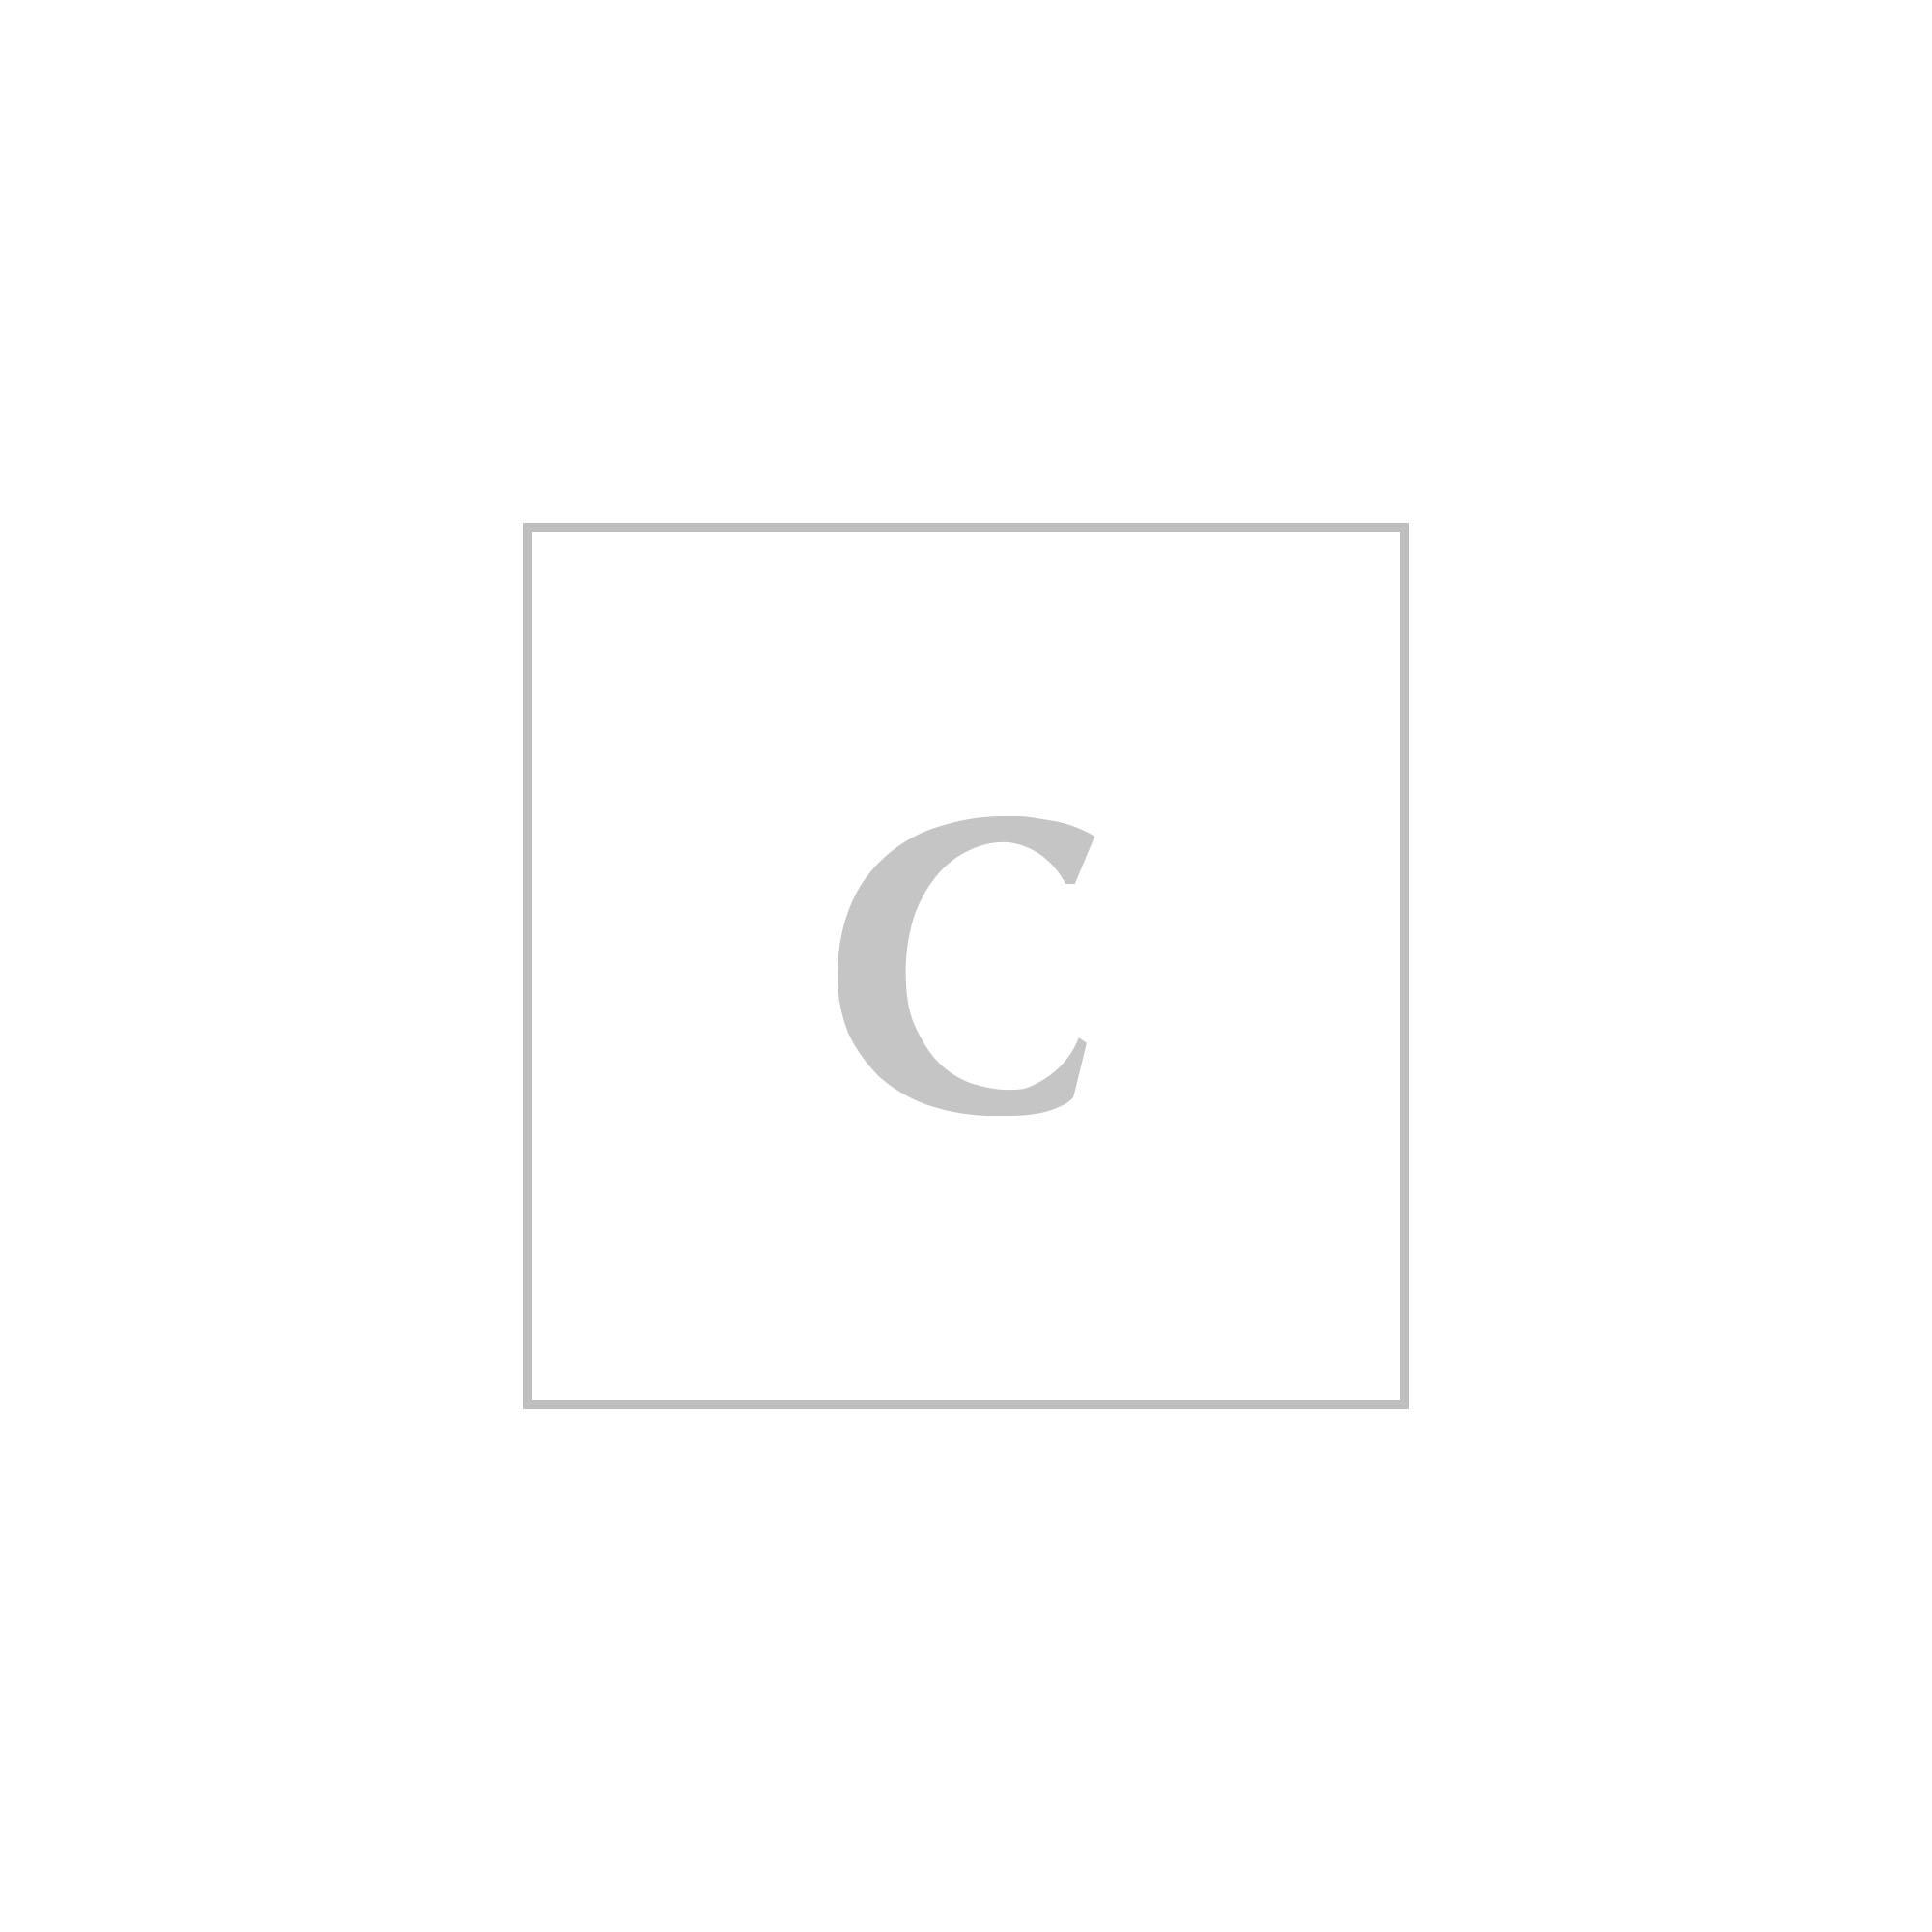 Cc collection corneliani cashmere pullover